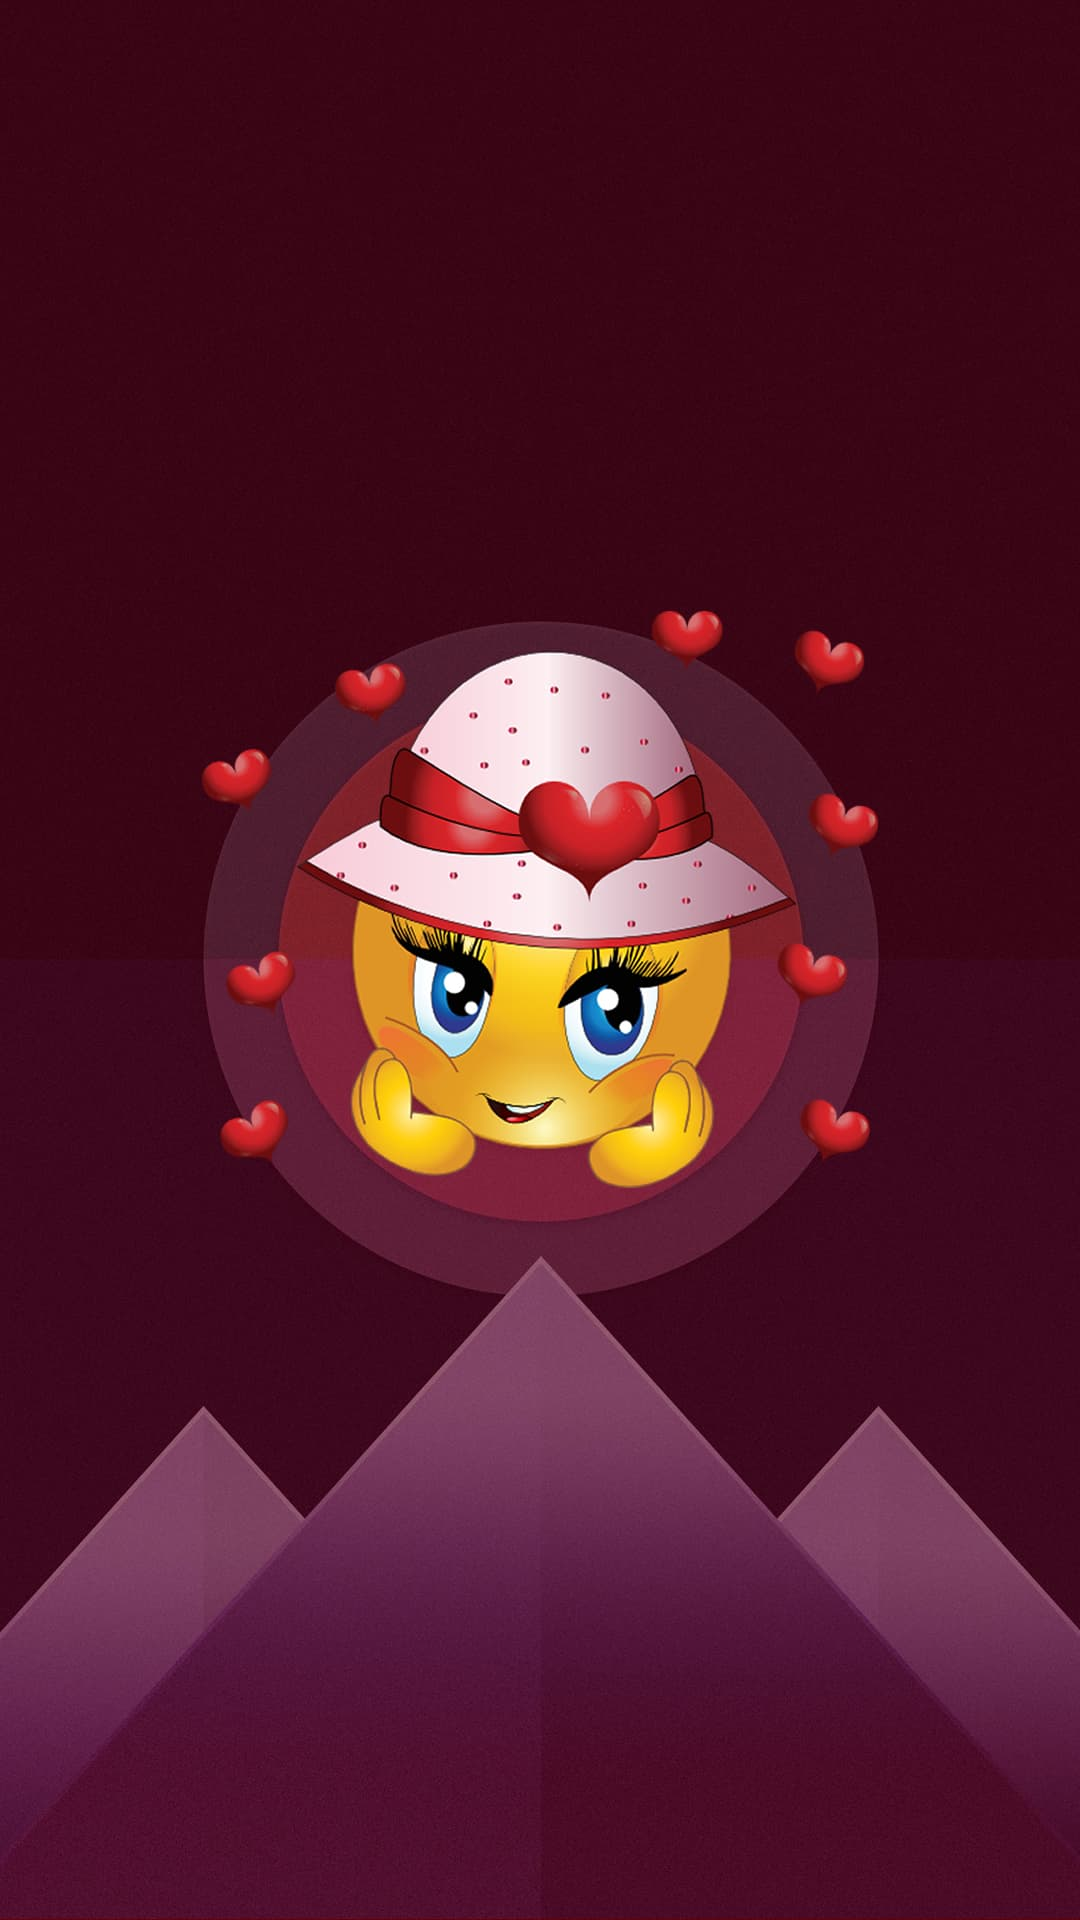 fondos de pantalla de emoji para android